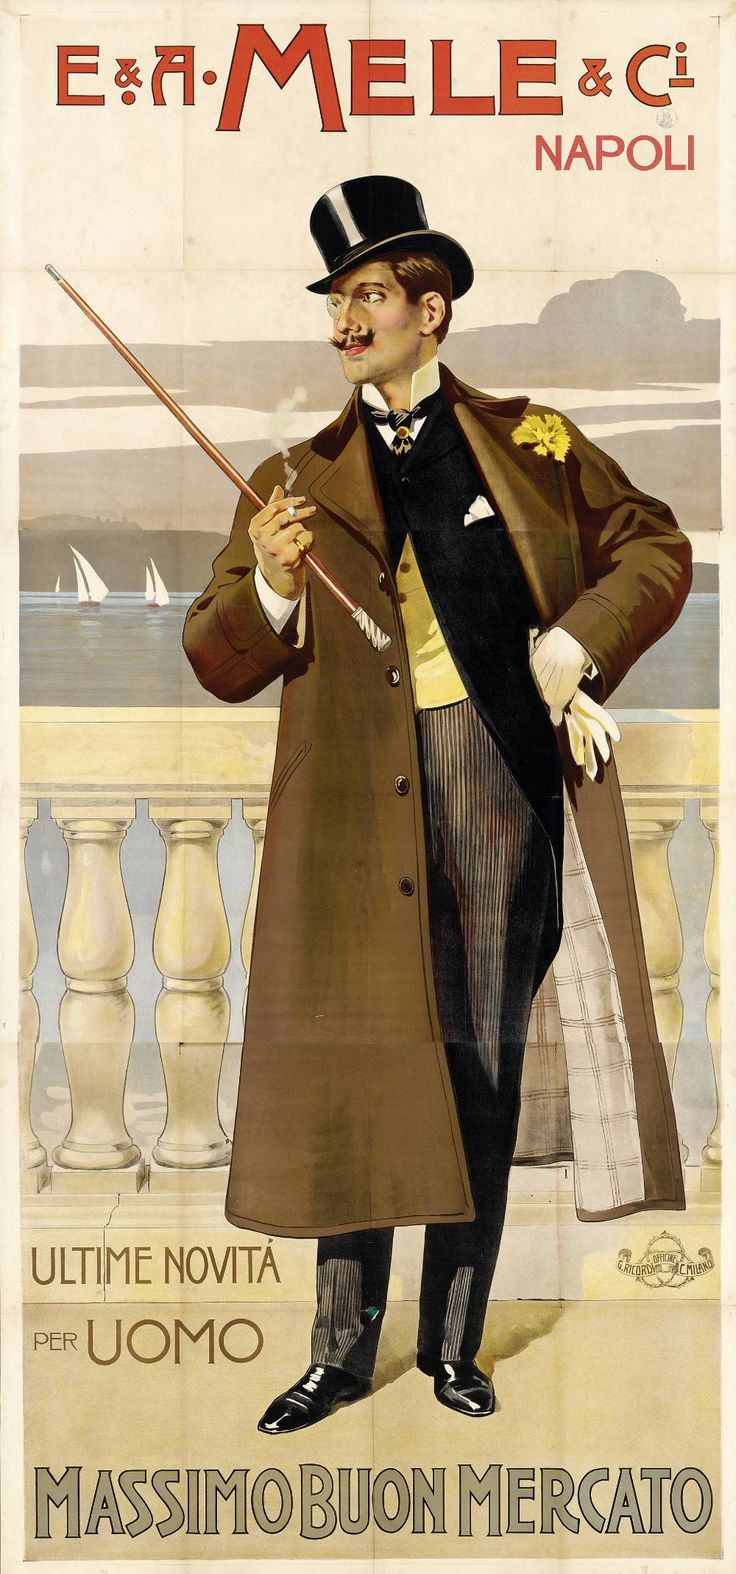 E.& A. Mele, Ultime novità per uomo, Anonimo, 1900 ca.